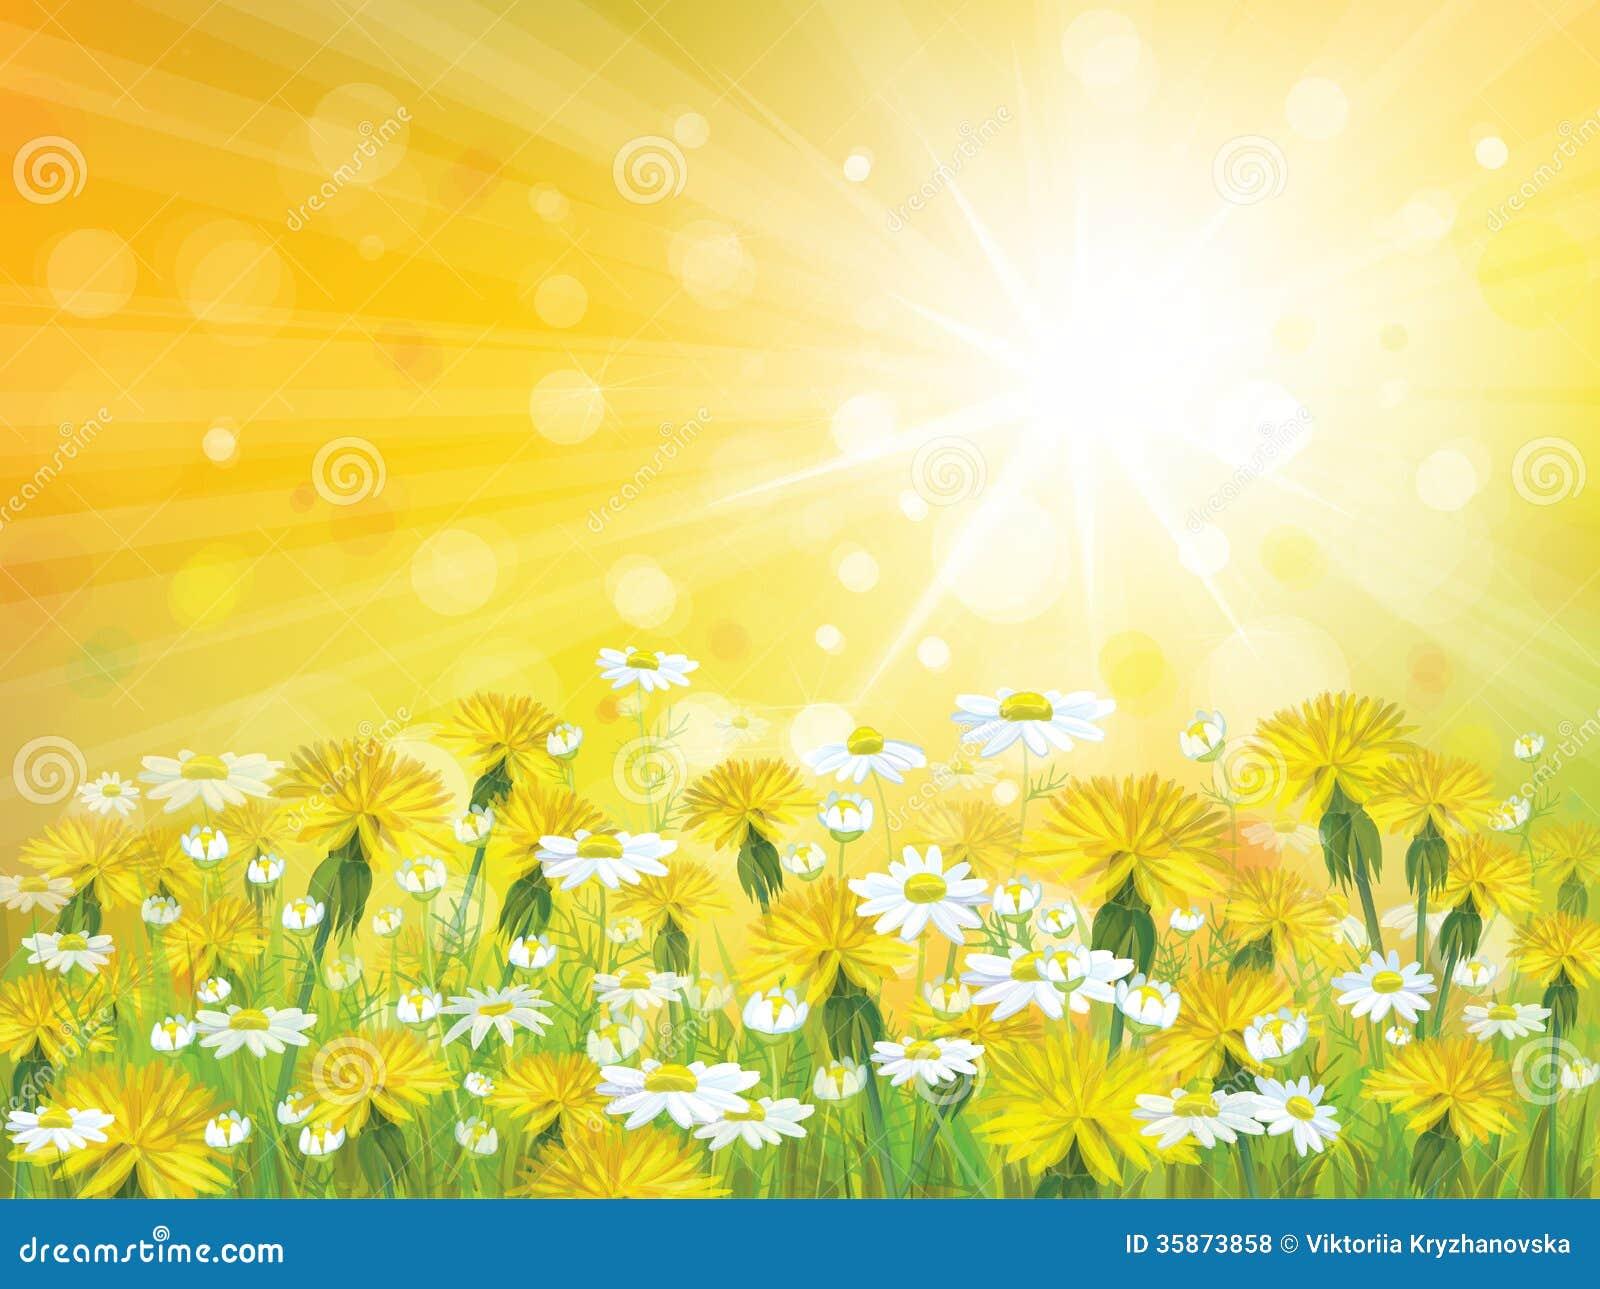 Wektorowy światła słonecznego tło z żółtymi chamomiles